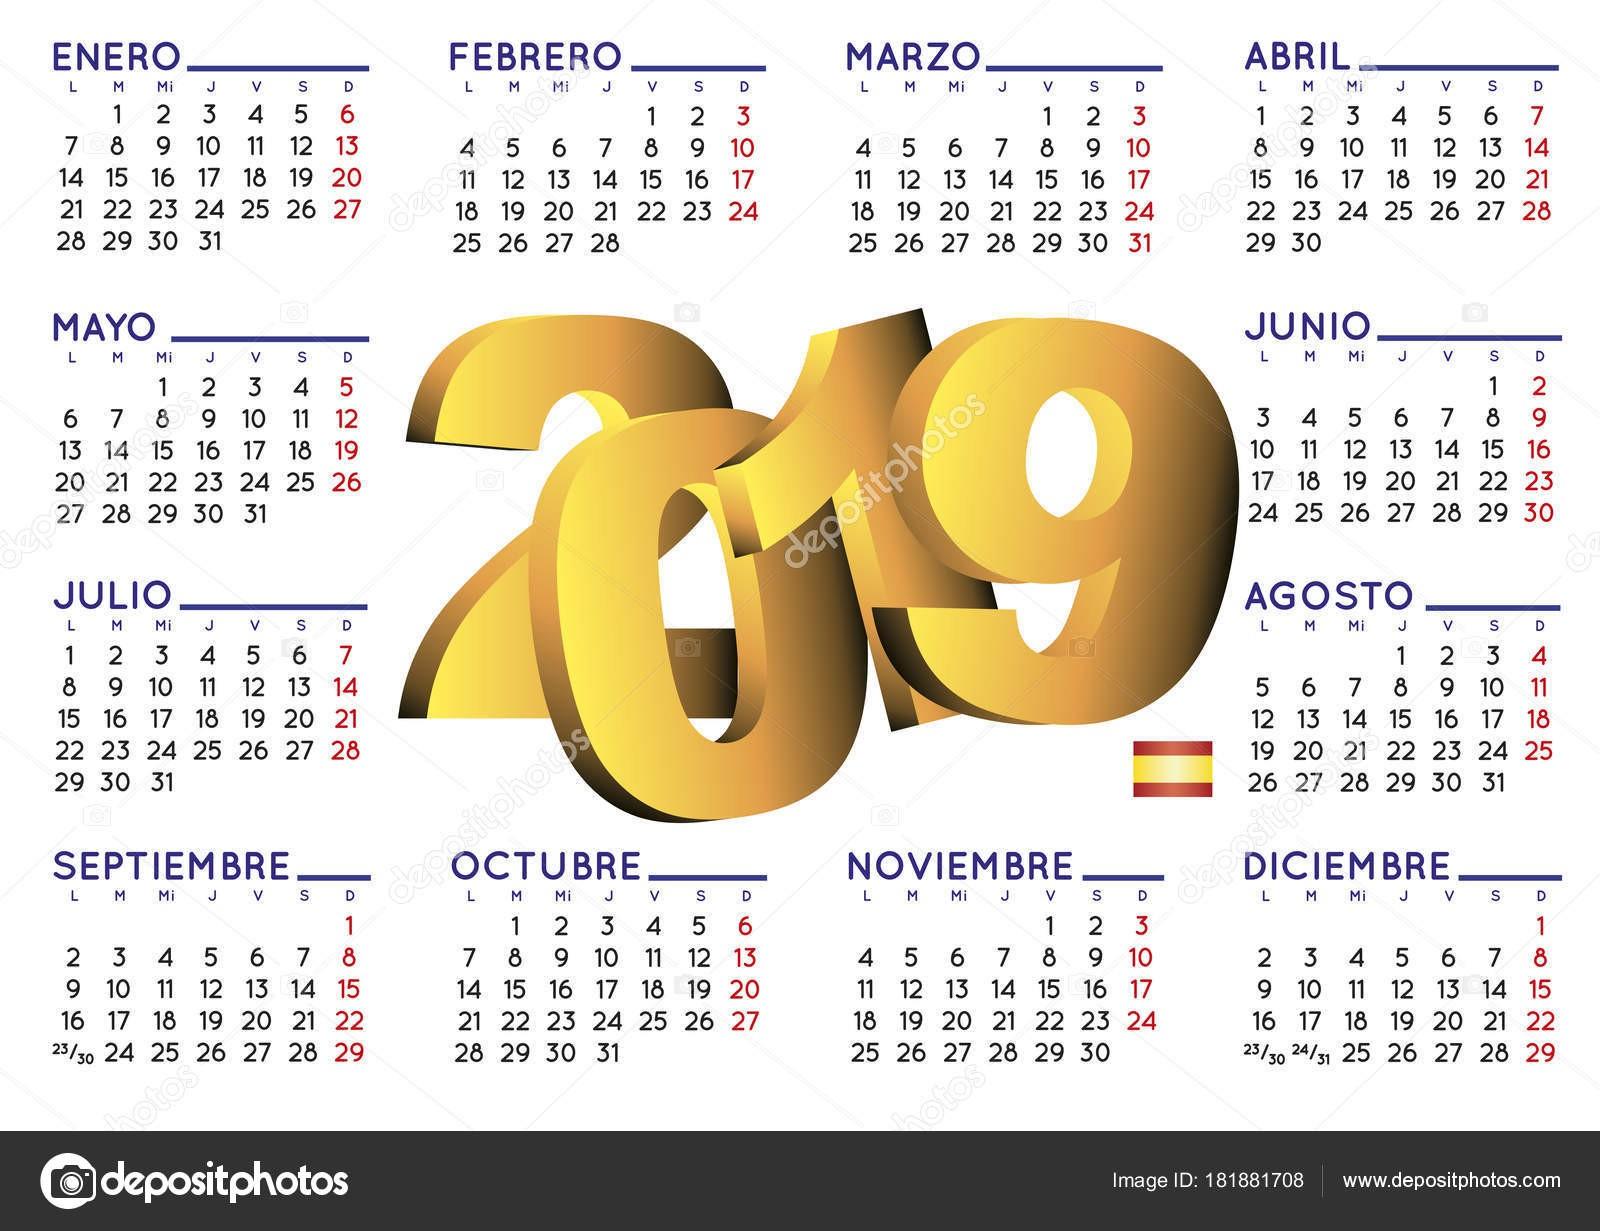 Calendario 2019 2019 elegancki kalendarz w języku hiszpańskim Kalendarz roku 2019 Kalendarzowy 2019 — Wektor od alfonsodetomas